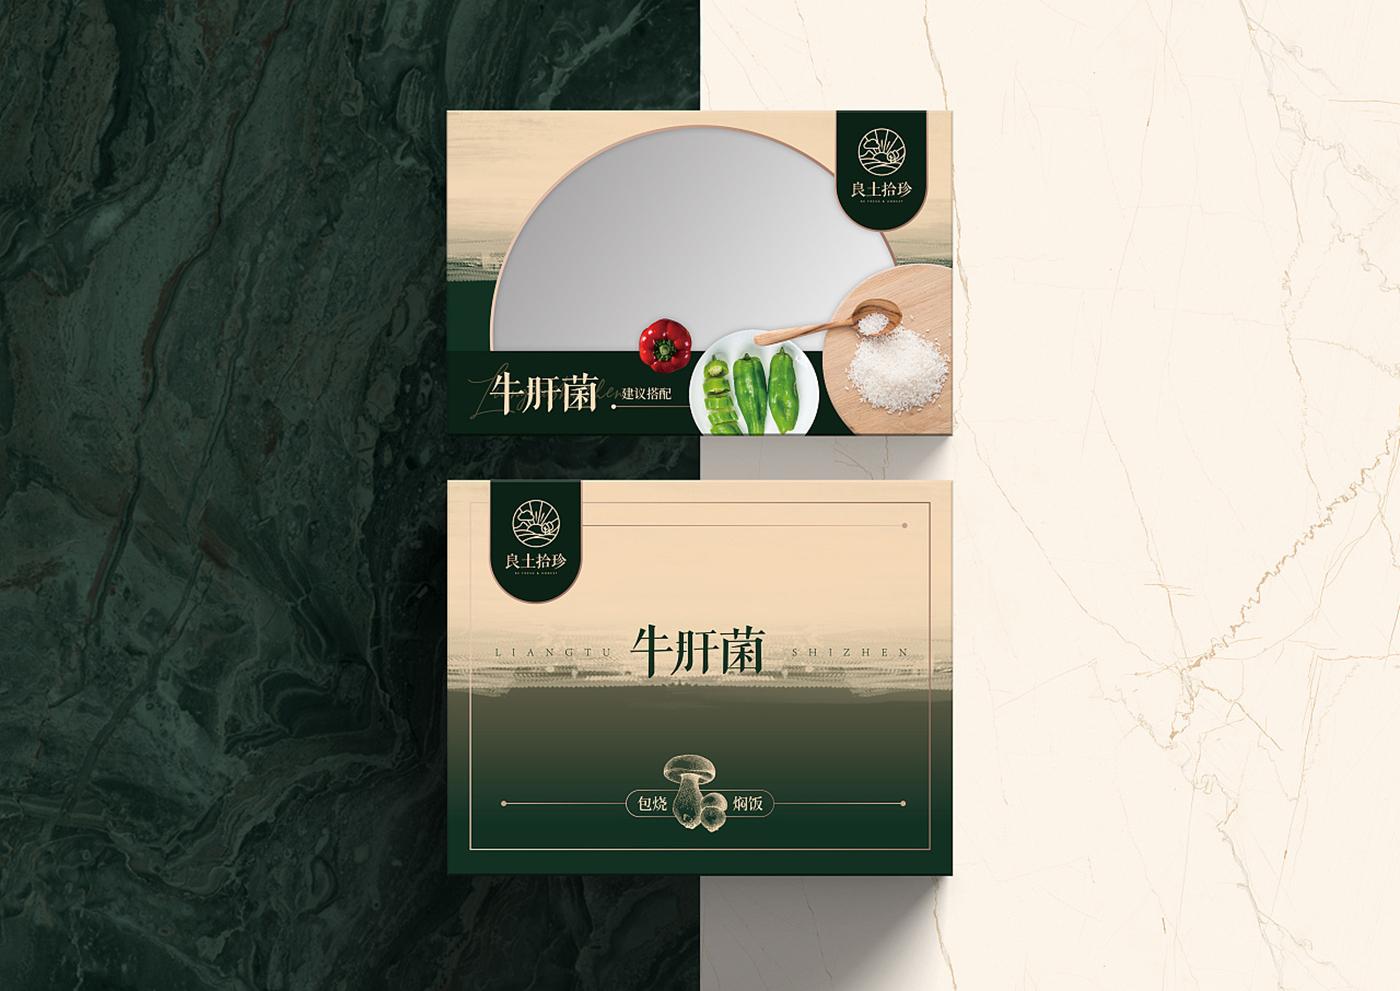 《良土拾珍》菌菇农产品包装设计图1